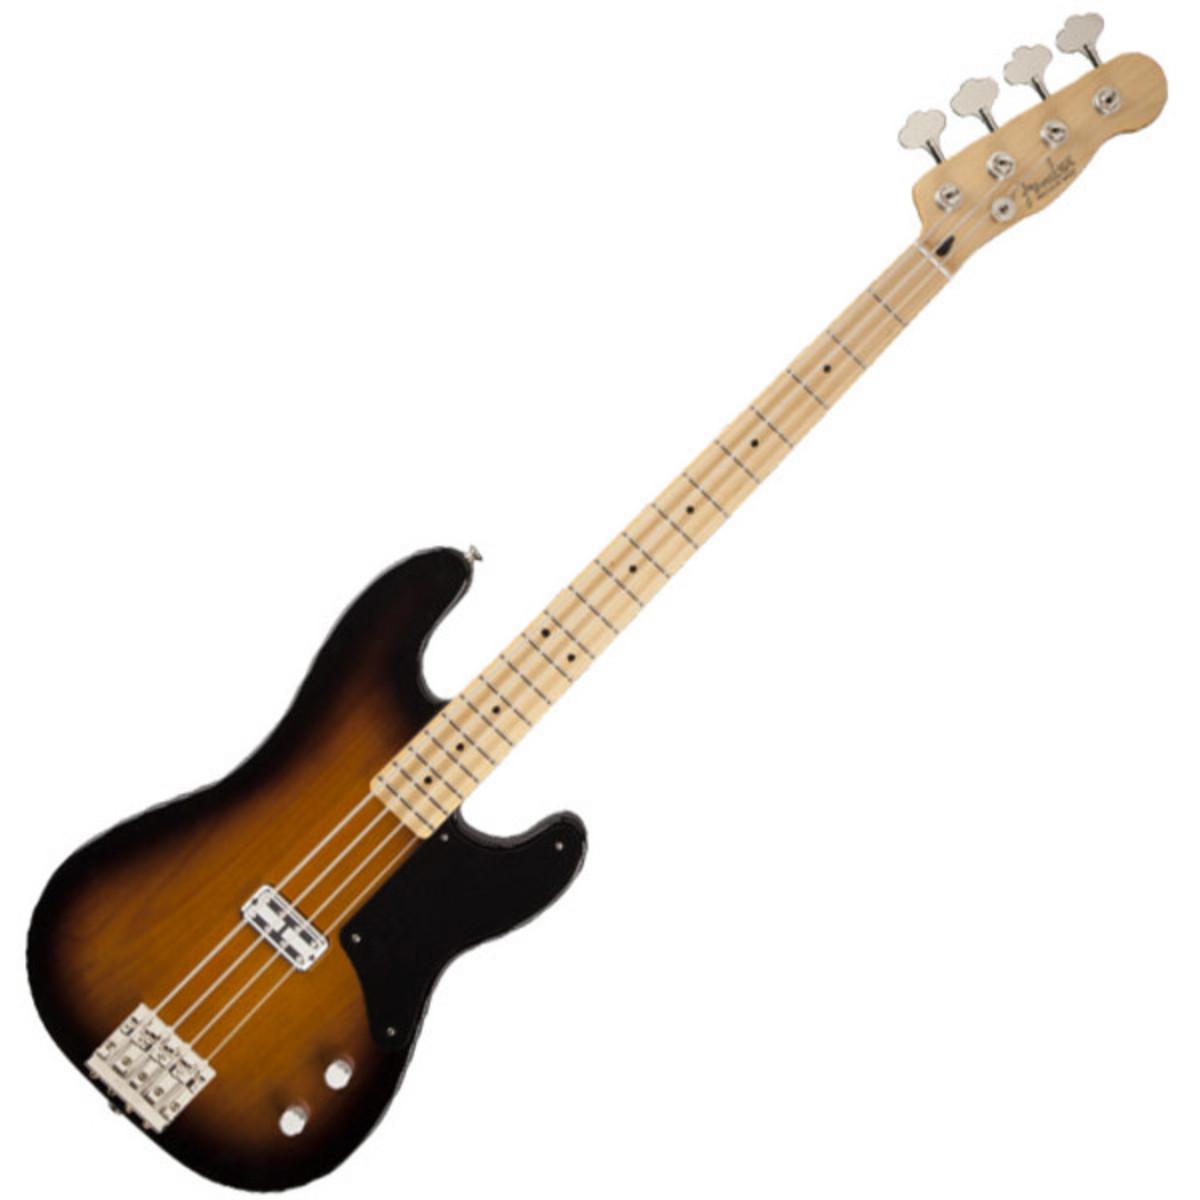 Scheibe Fender Cabronita Precision Bass, laminierte MF, 2-Color ...